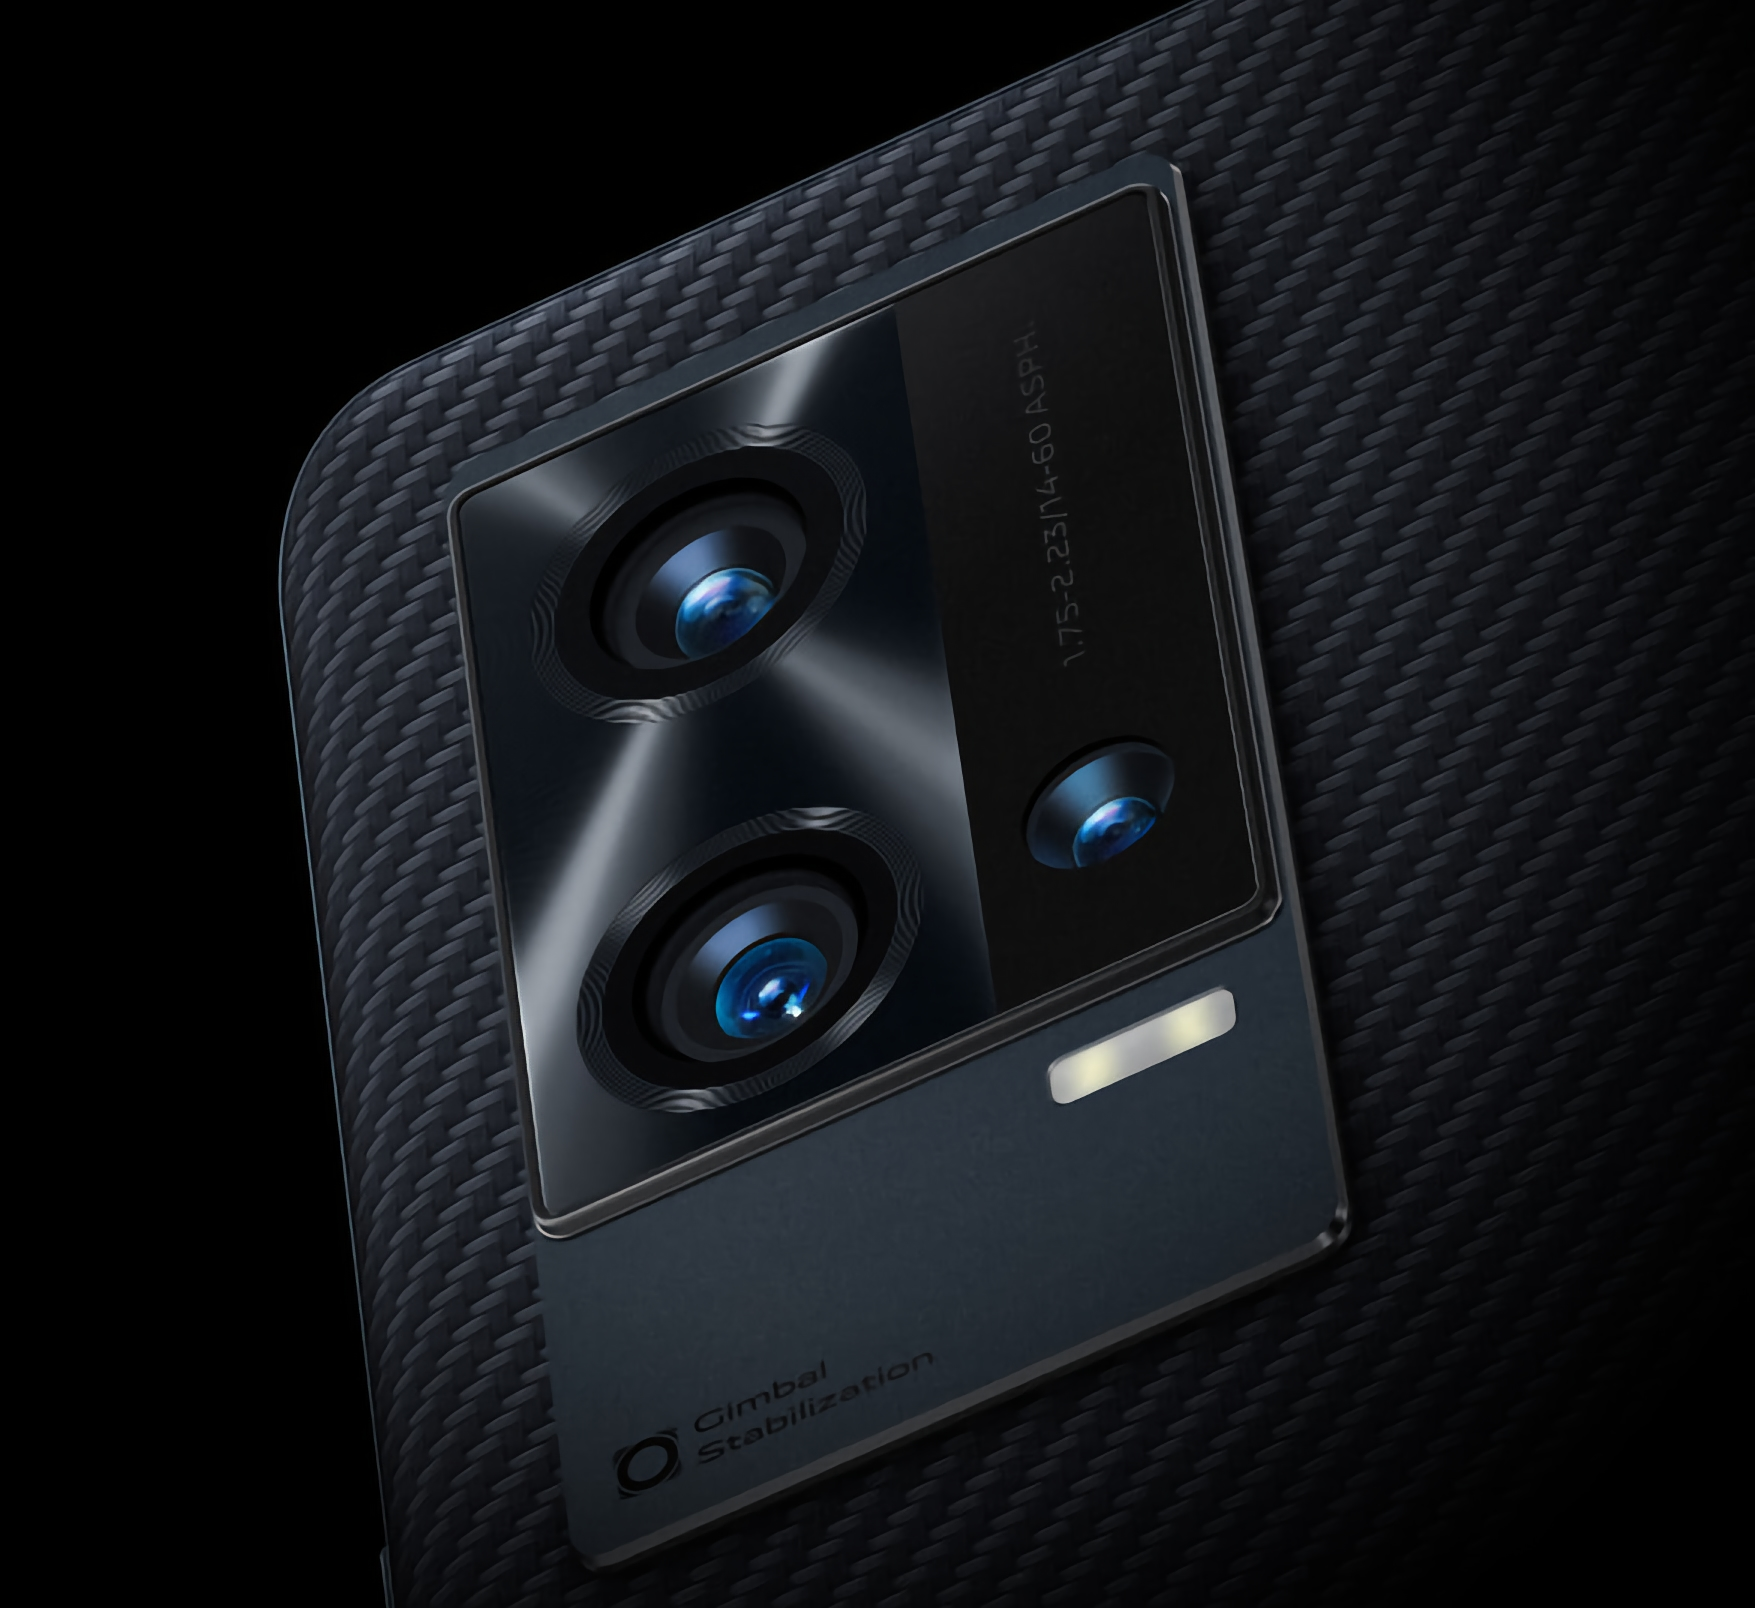 Vivo тизерит iQOO 8 Pro: новинка получит тройную камеру с продвинутой системой стабилизации